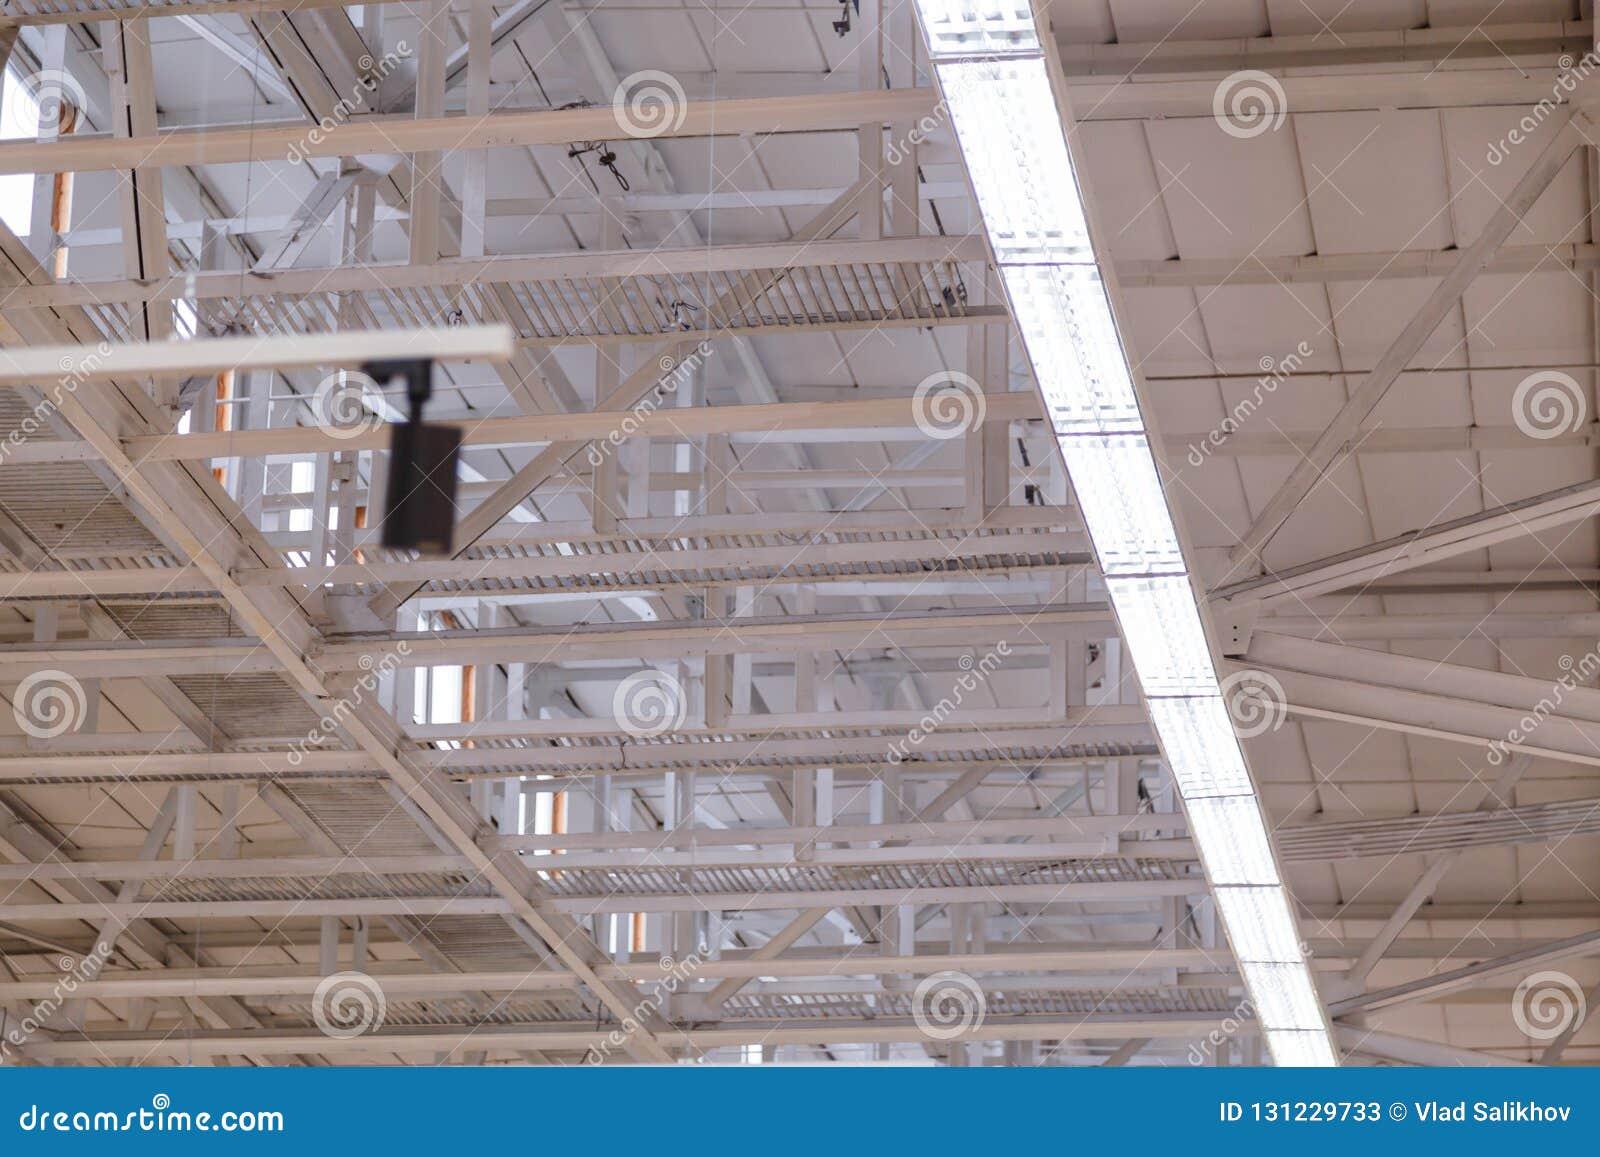 Lampade del controsoffitto per illuminazione di fabbricato